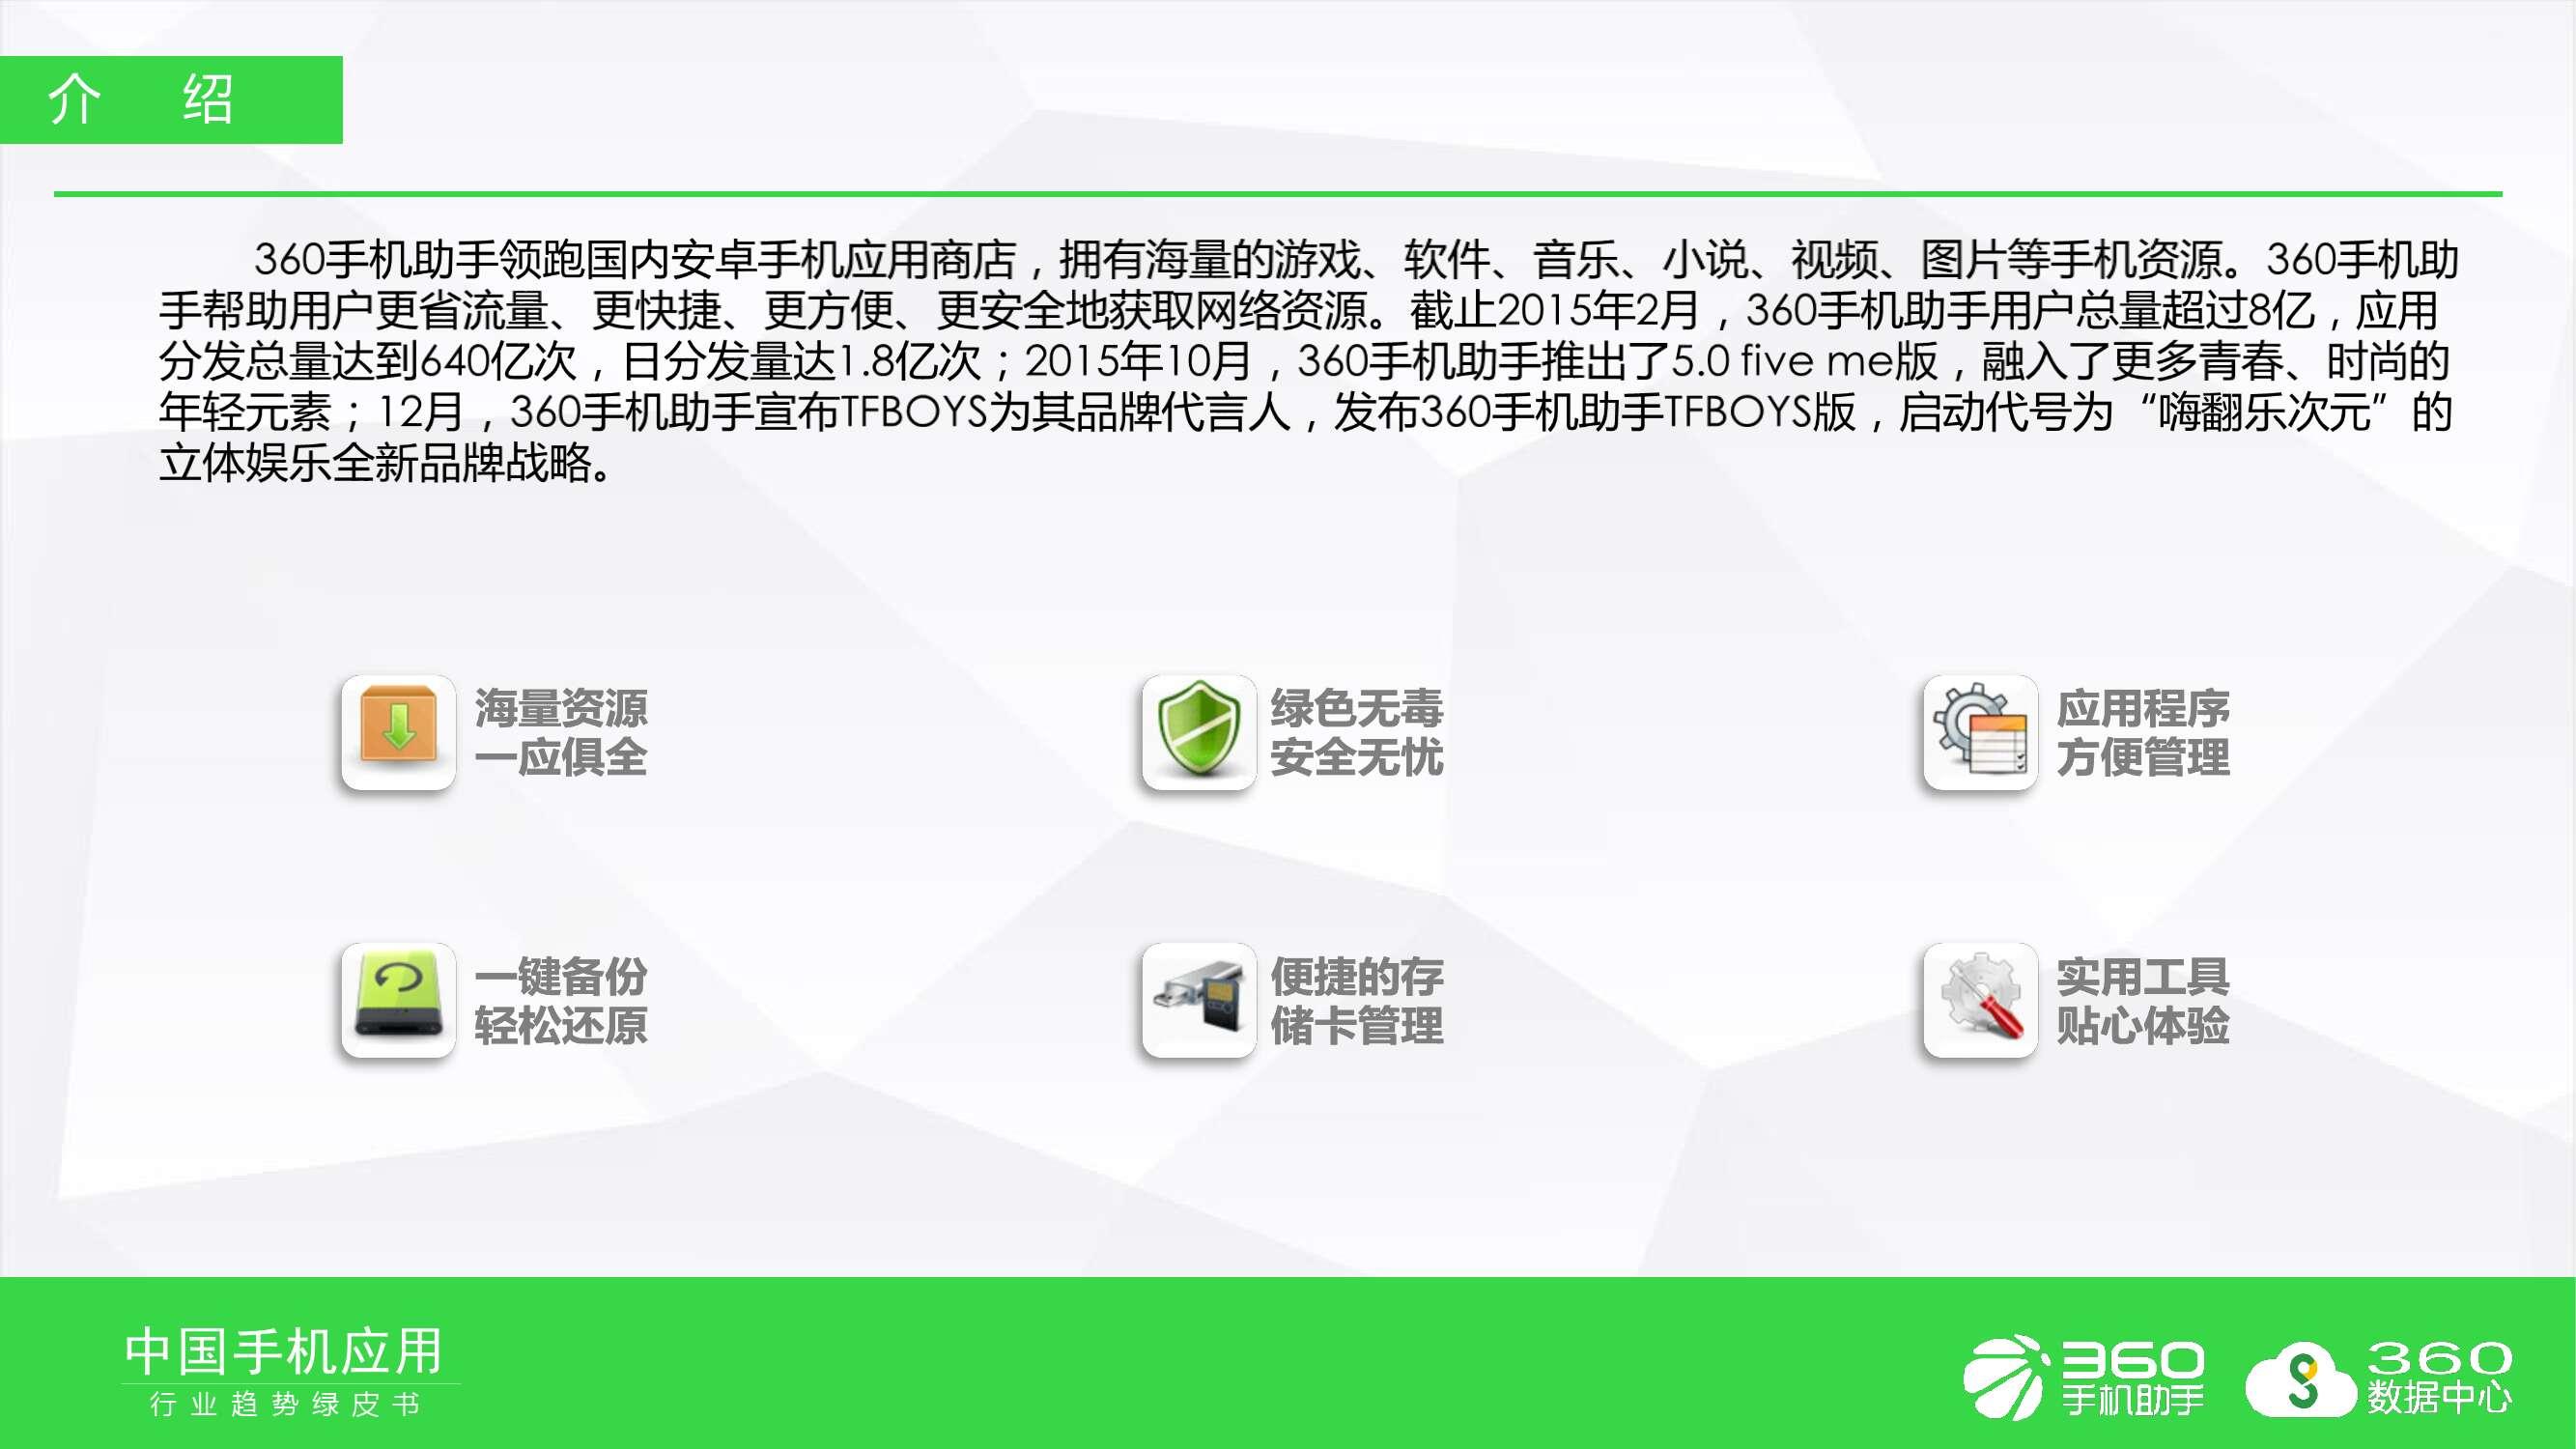 2016年手机软件行业趋势绿皮书_000059